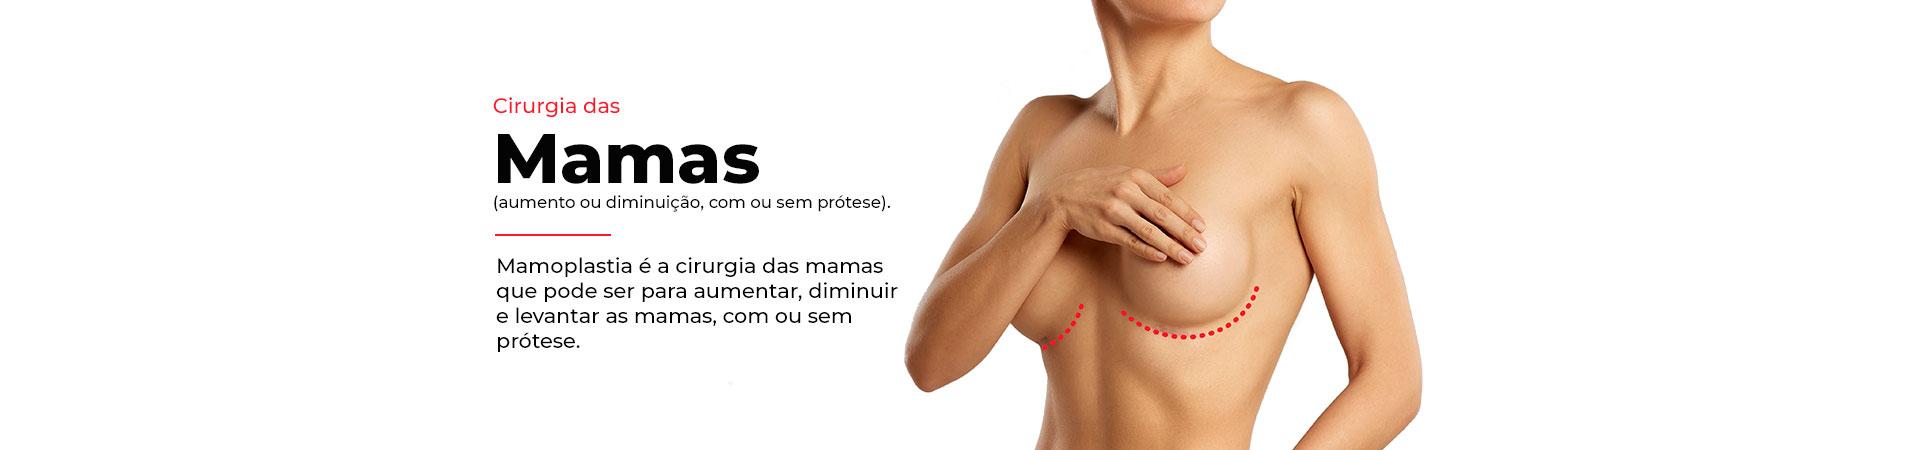 Cirurgia-das-Mamas-3